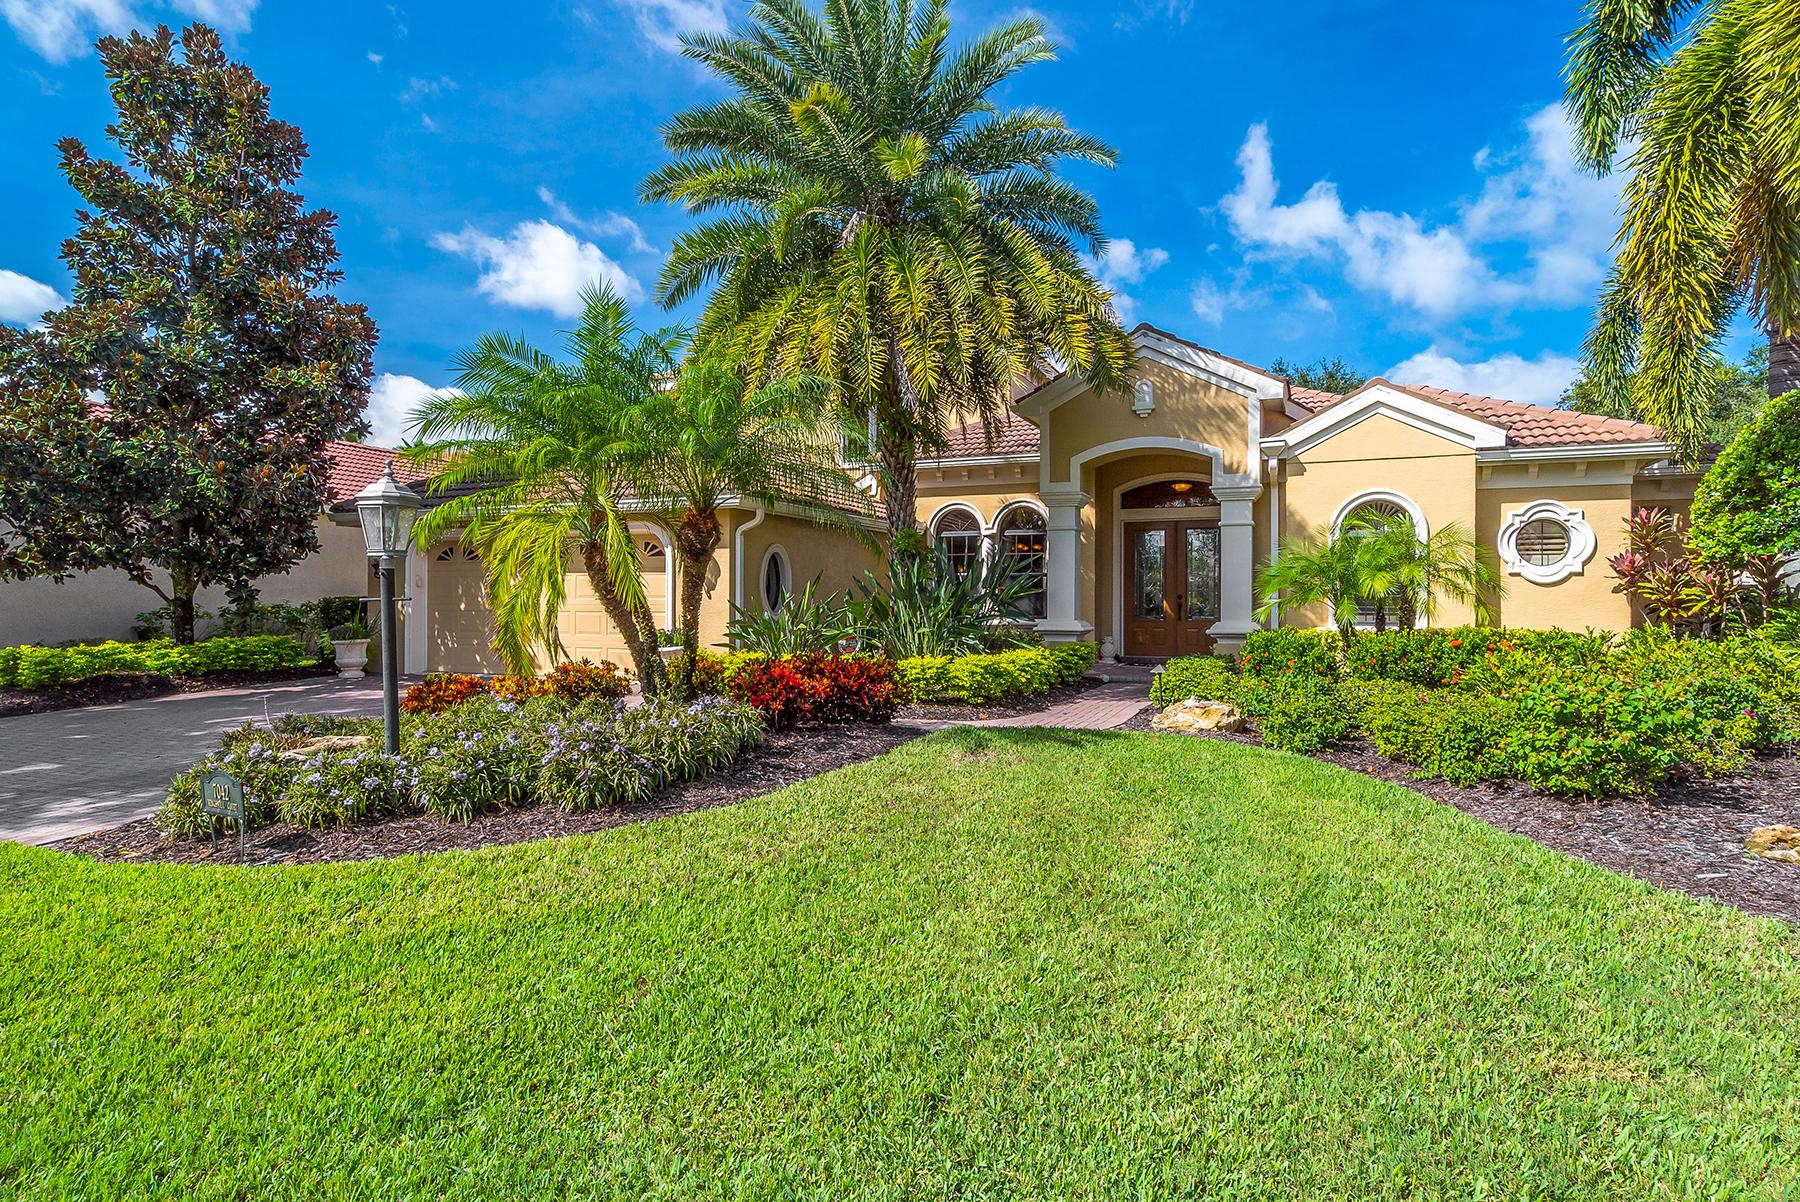 Nhà ở một gia đình vì Bán tại LAKEWOOD RANCH COUNTRY CLUB 7042 Kingsmill Ct Lakewood Ranch, Florida, 34202 Hoa Kỳ